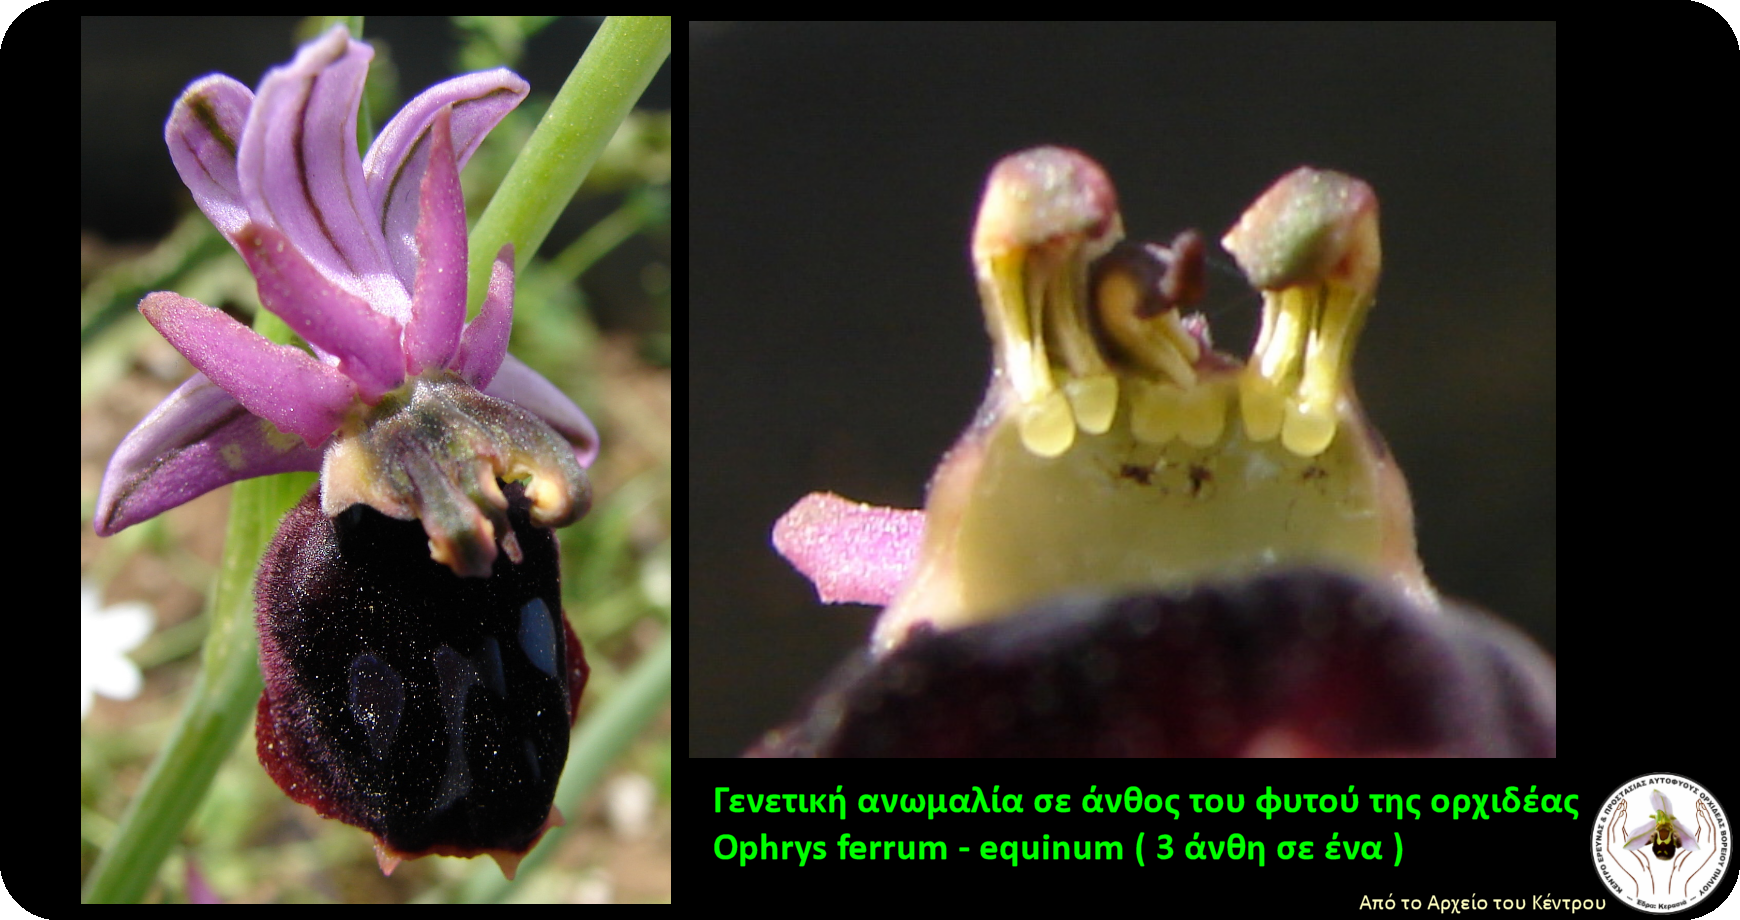 OphrysFerrum_GeneticAnomaly